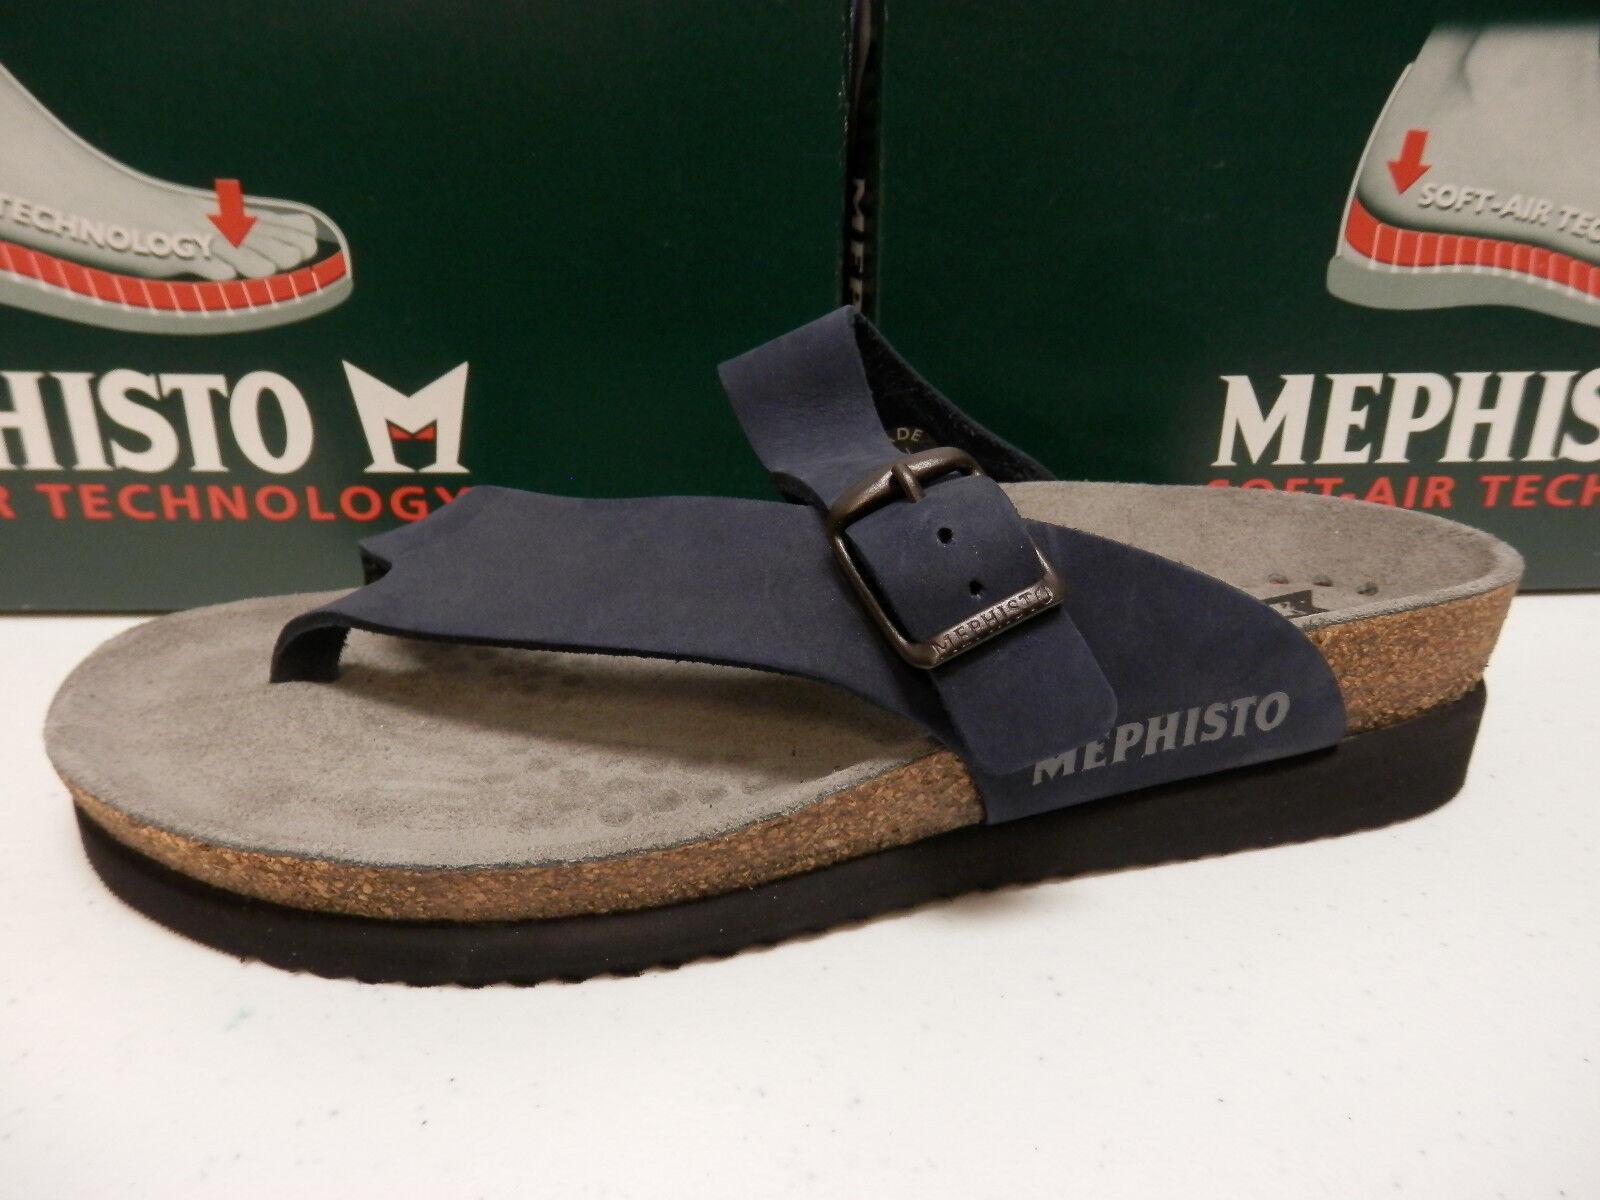 Mephisto mujer sandalia Helen Navy sandalbuck talla EU 37 37 37 nos 7  grandes precios de descuento